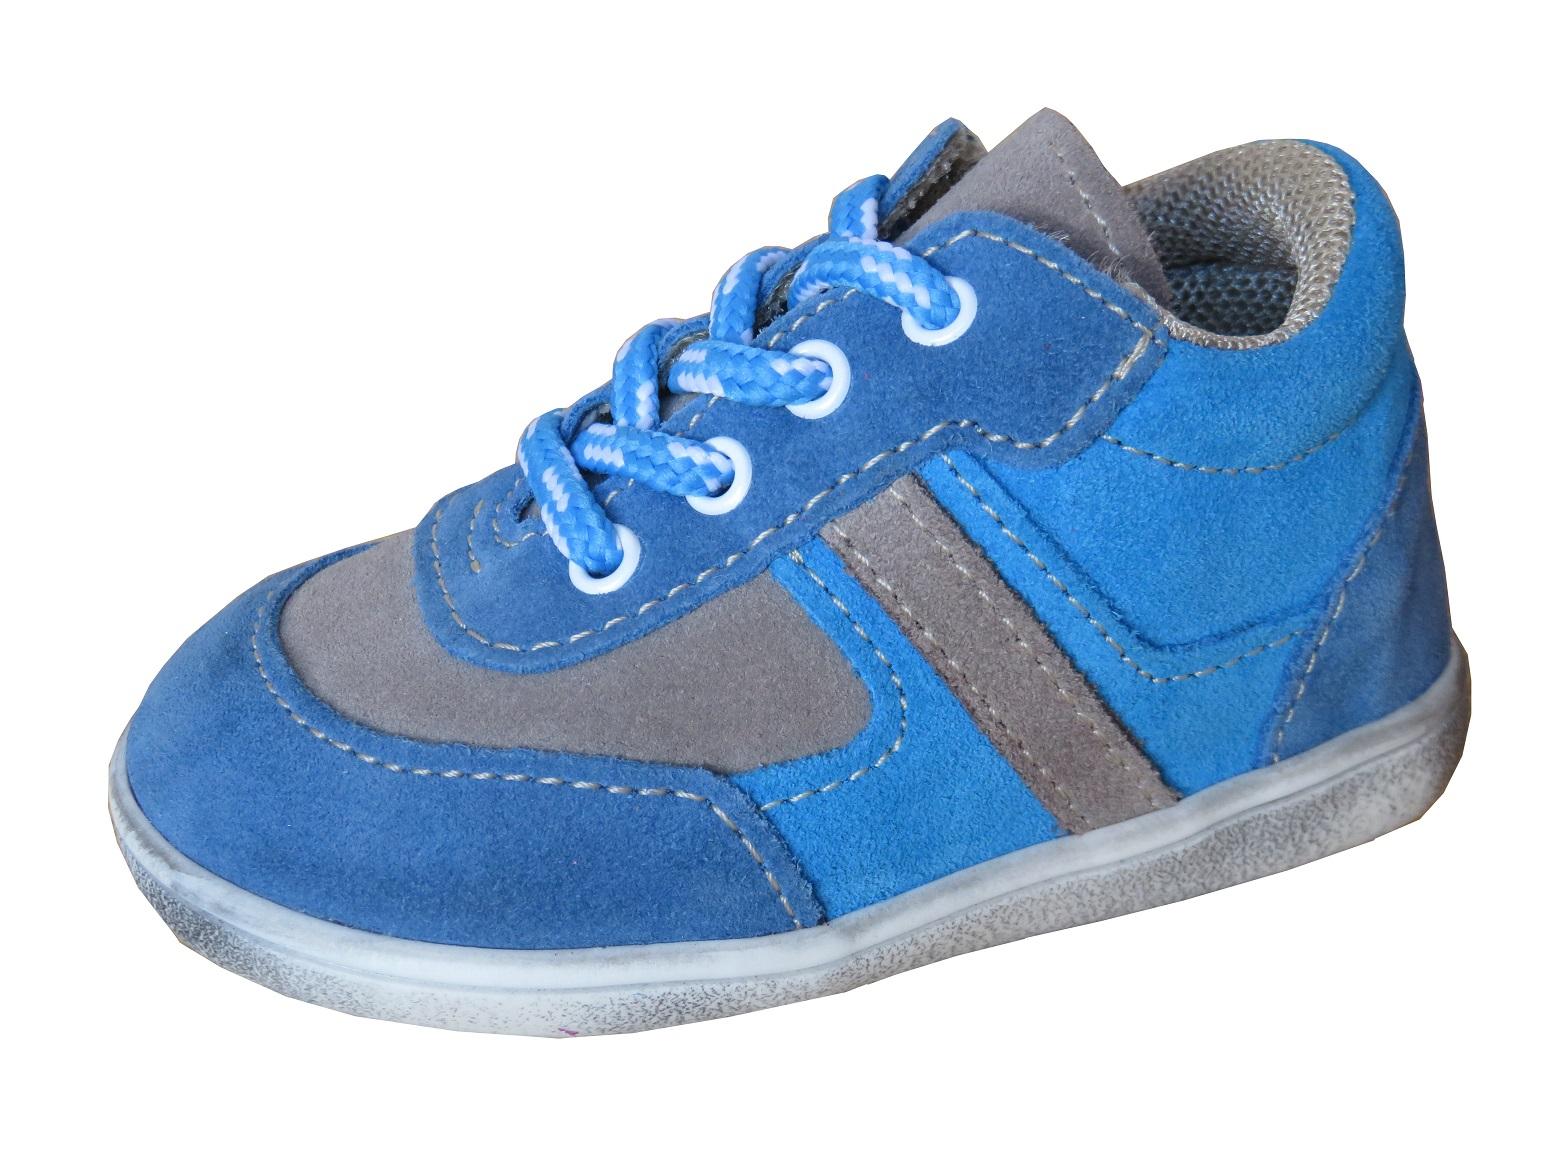 d6998ab06ce JONAP celoroční dětská obuv 051 light modrá